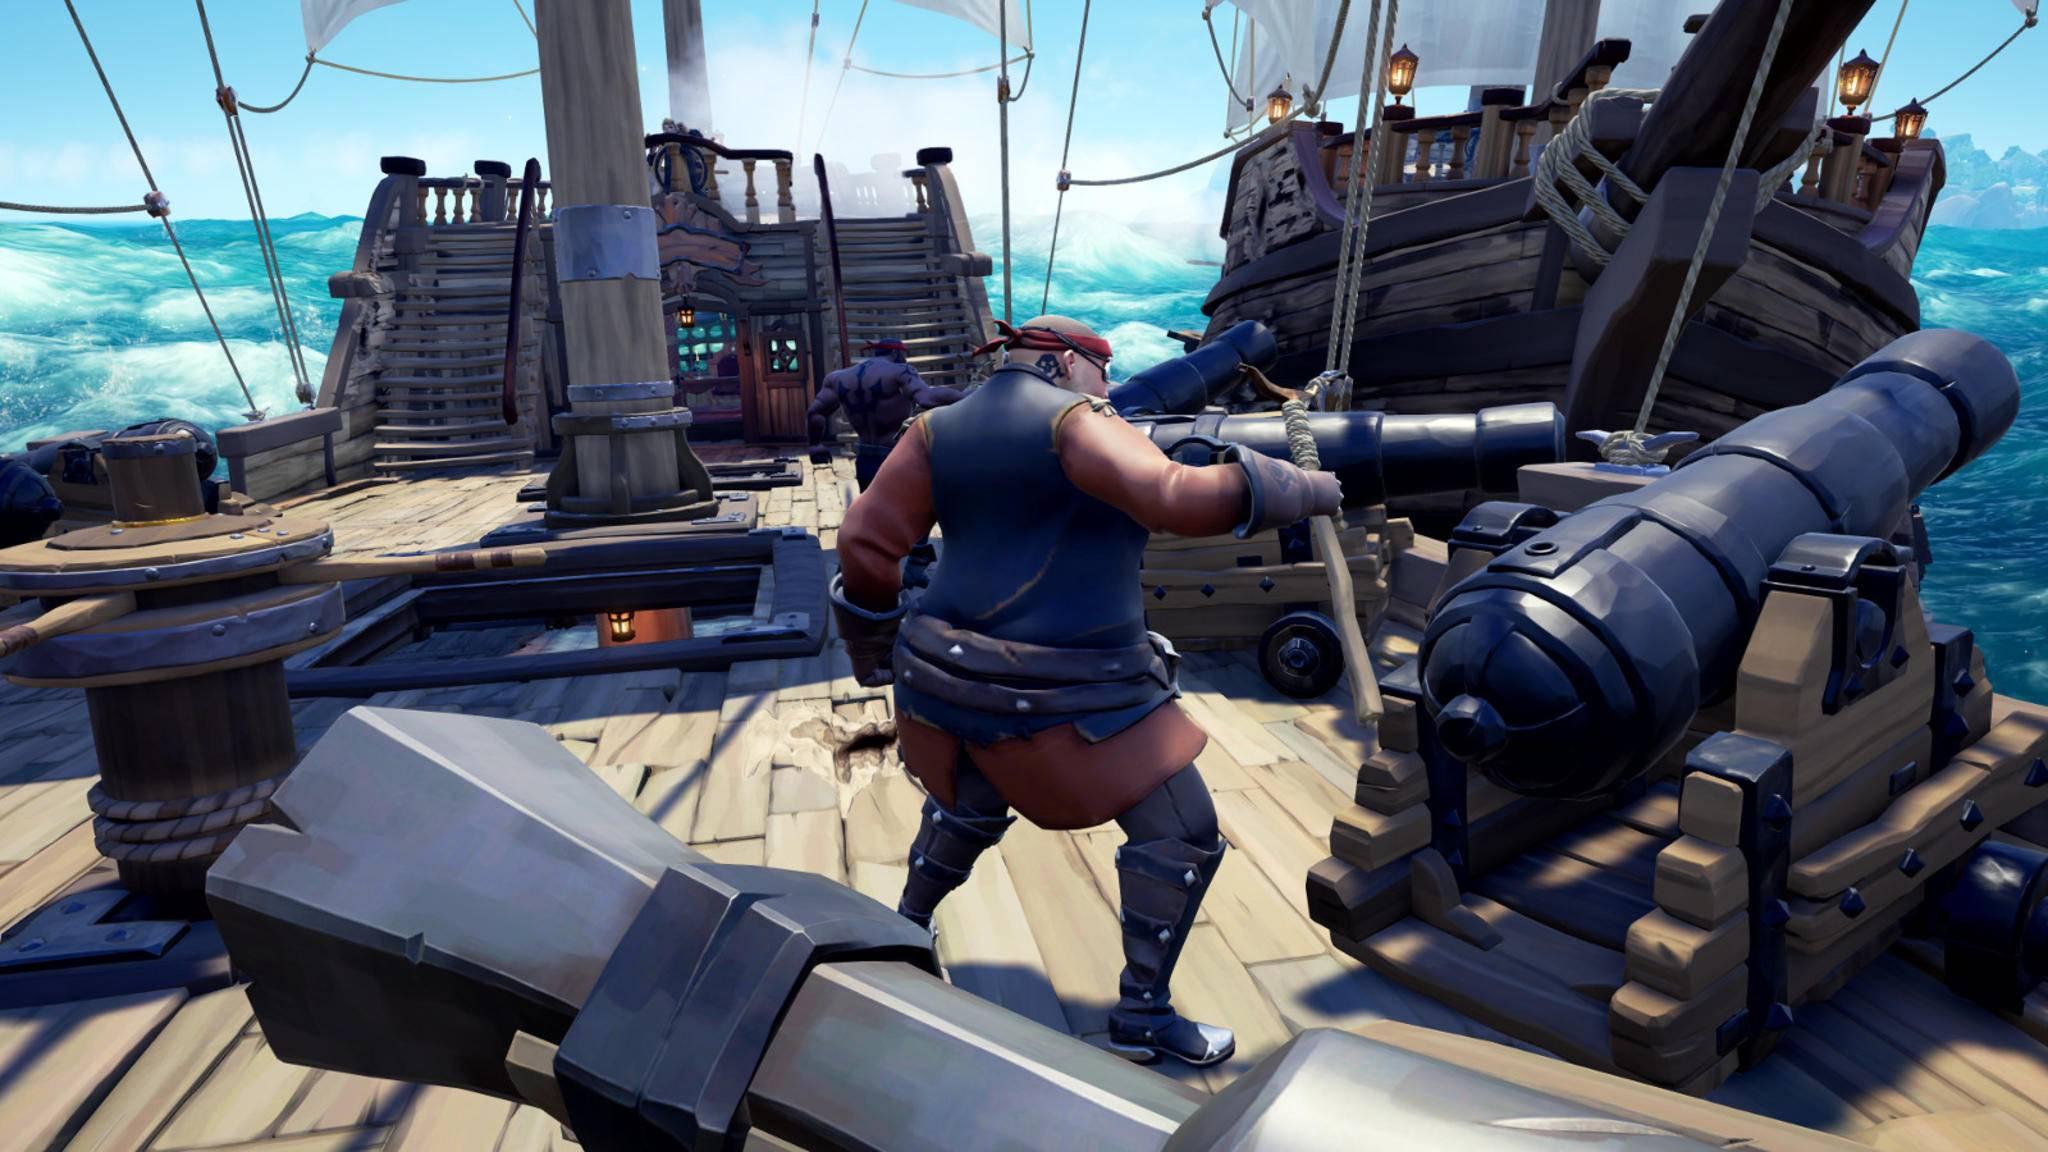 Auf dem Piratenschiff ist Zusammenarbeit gefragt – auch zwischen High-End-Konsoleros und Low-End-PC-Gamern!